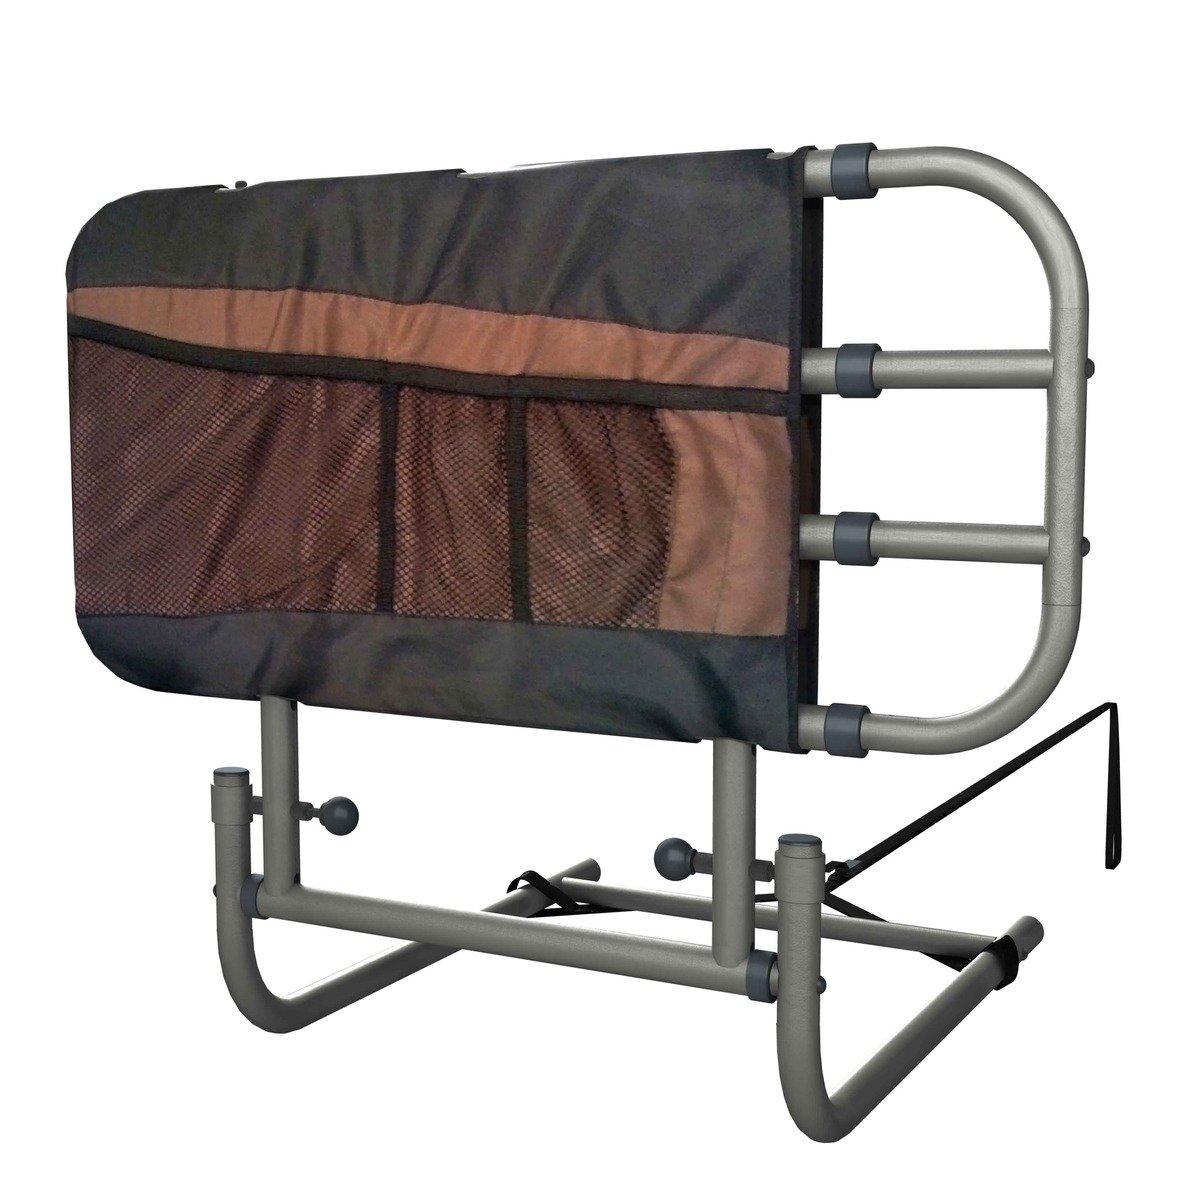 EZ Adjust Bed Rail - 伸縮可調較床欄